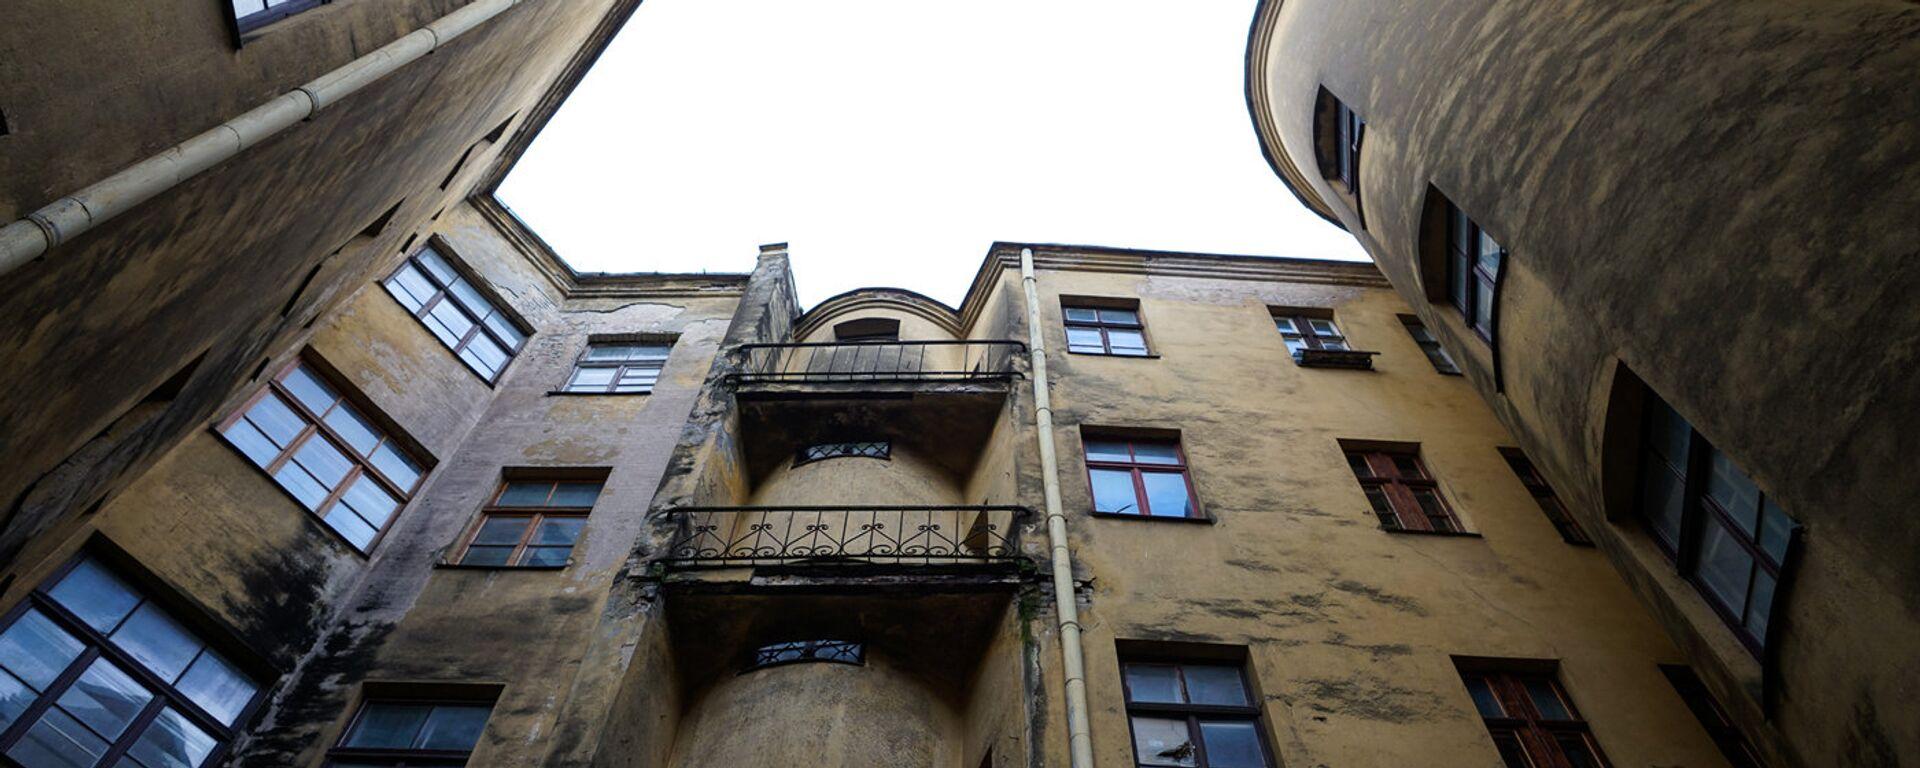 Заброшенный дом со стороны двора - Sputnik Латвия, 1920, 26.06.2021